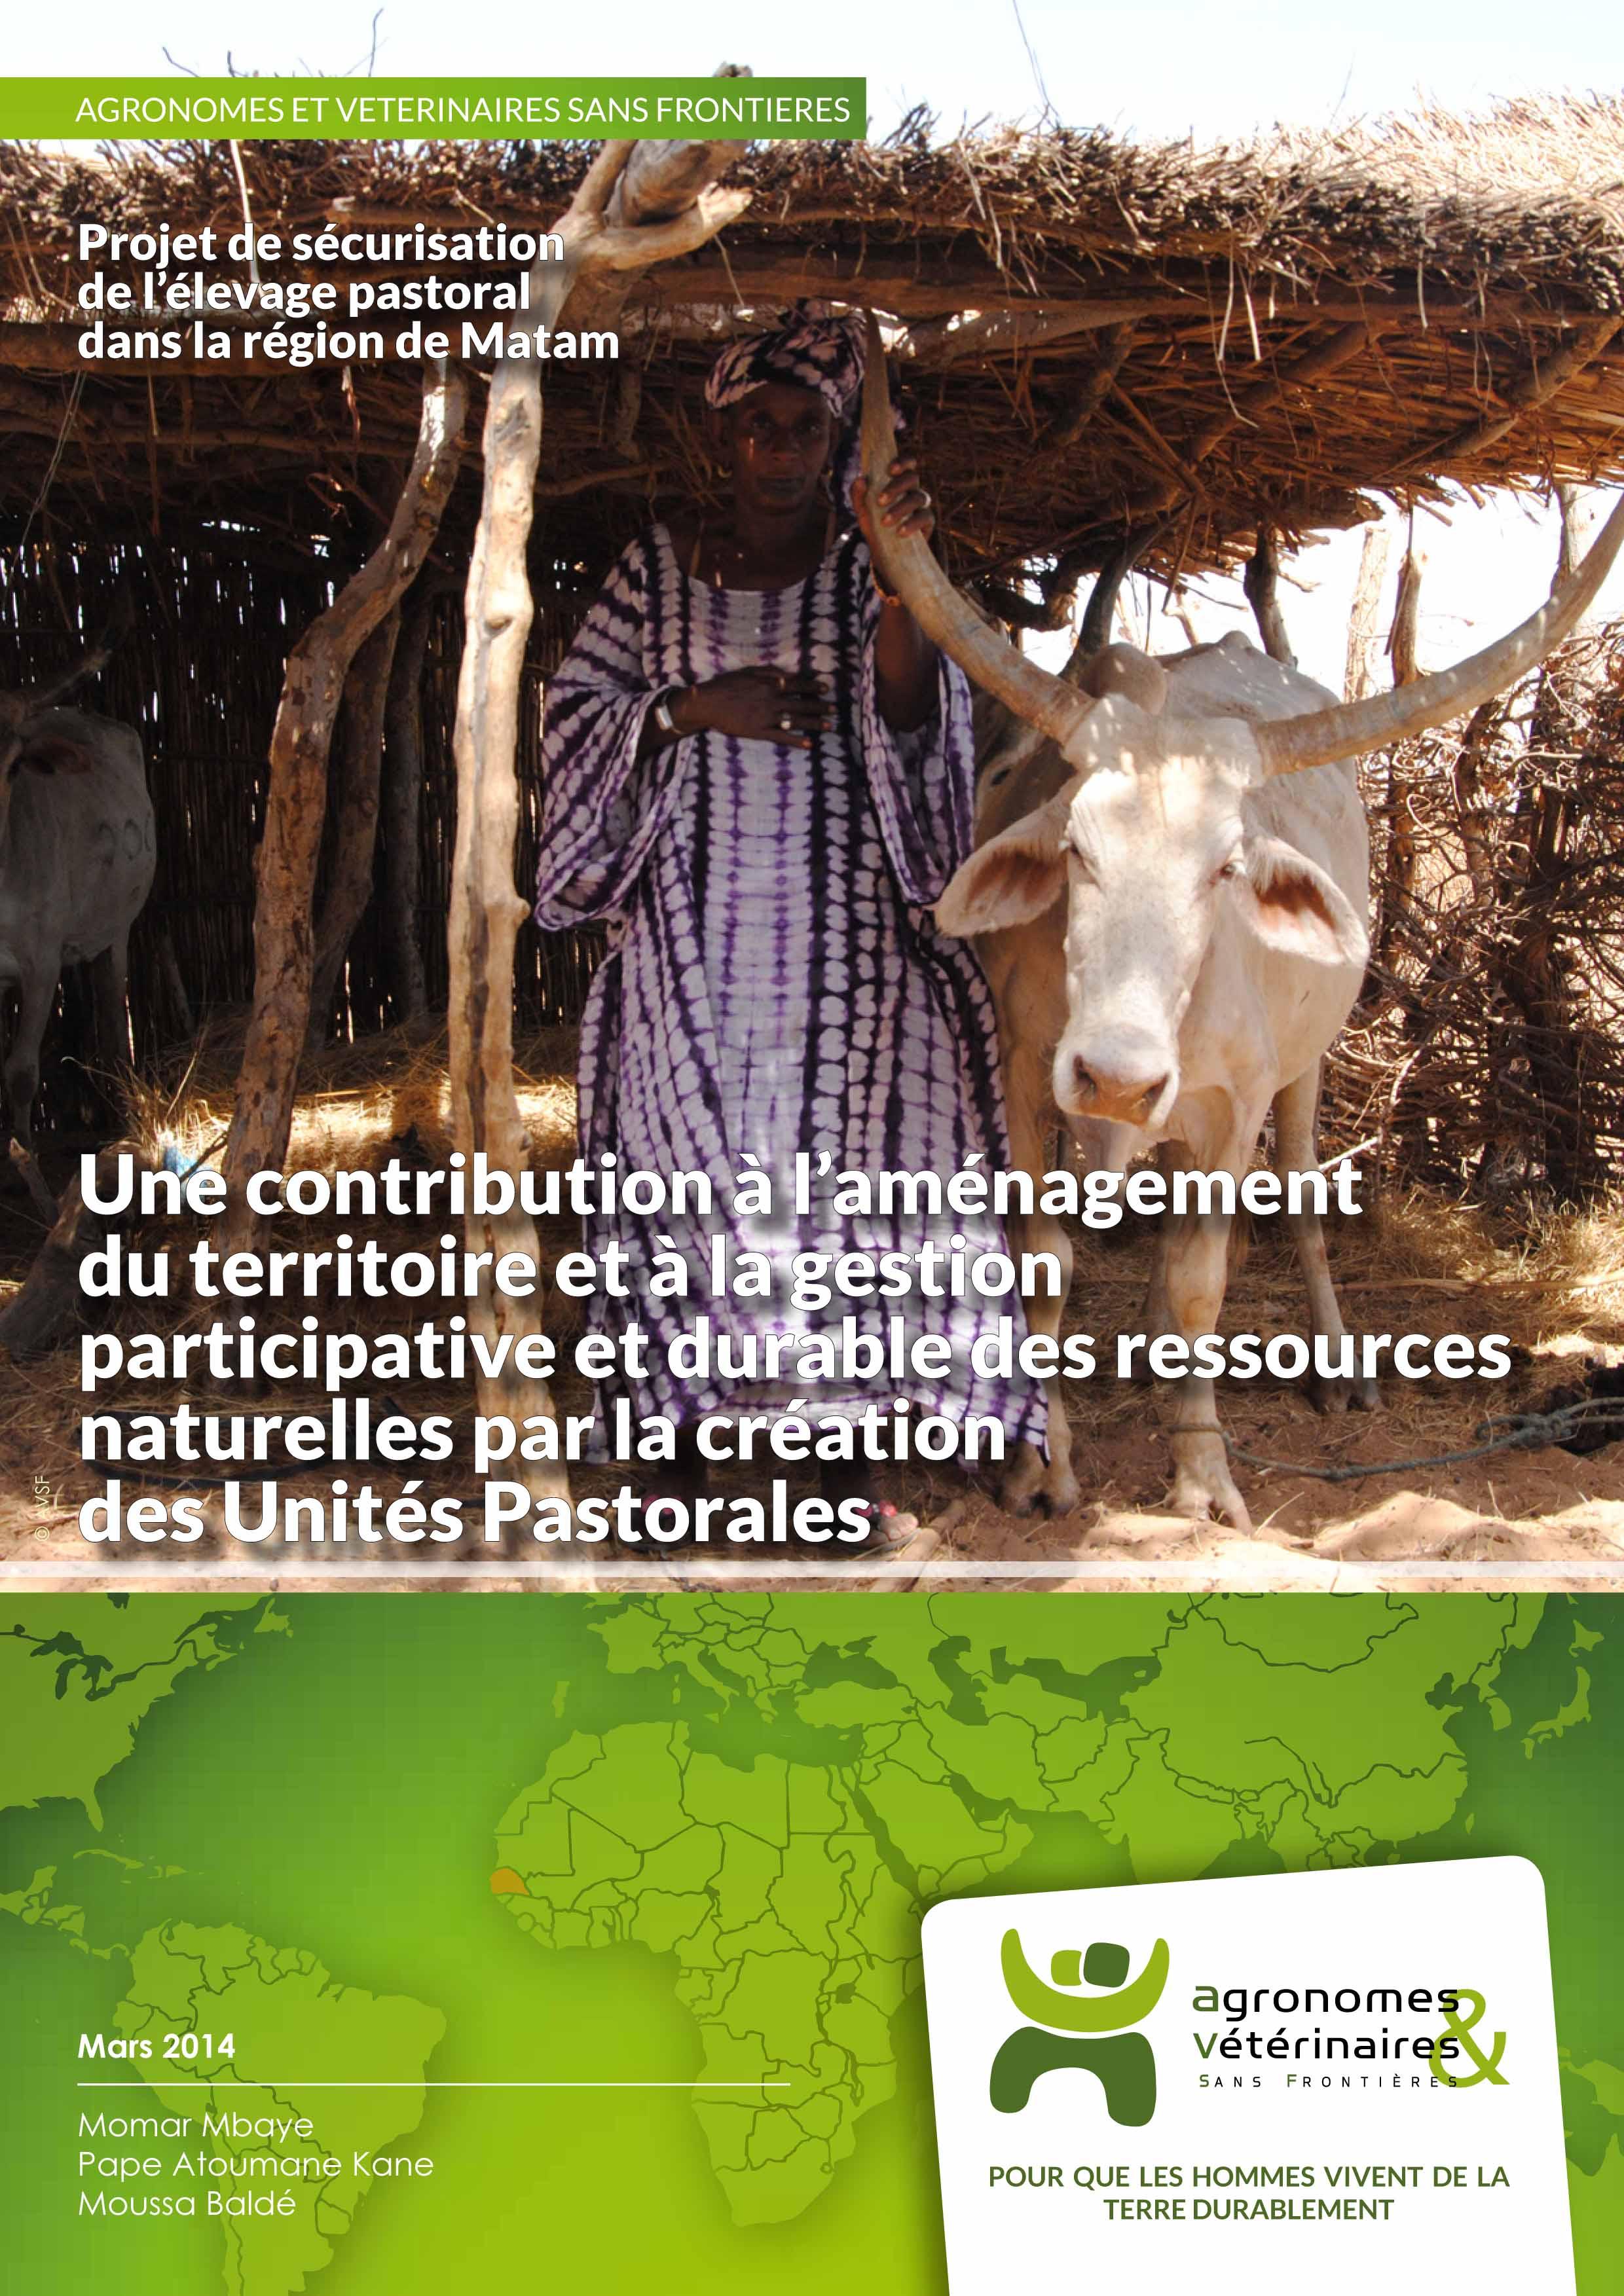 Une contribution à l'aménagement du territoire et à la gestion participative et durable des ressources naturelles par la création des Unités Pastorales Image principale